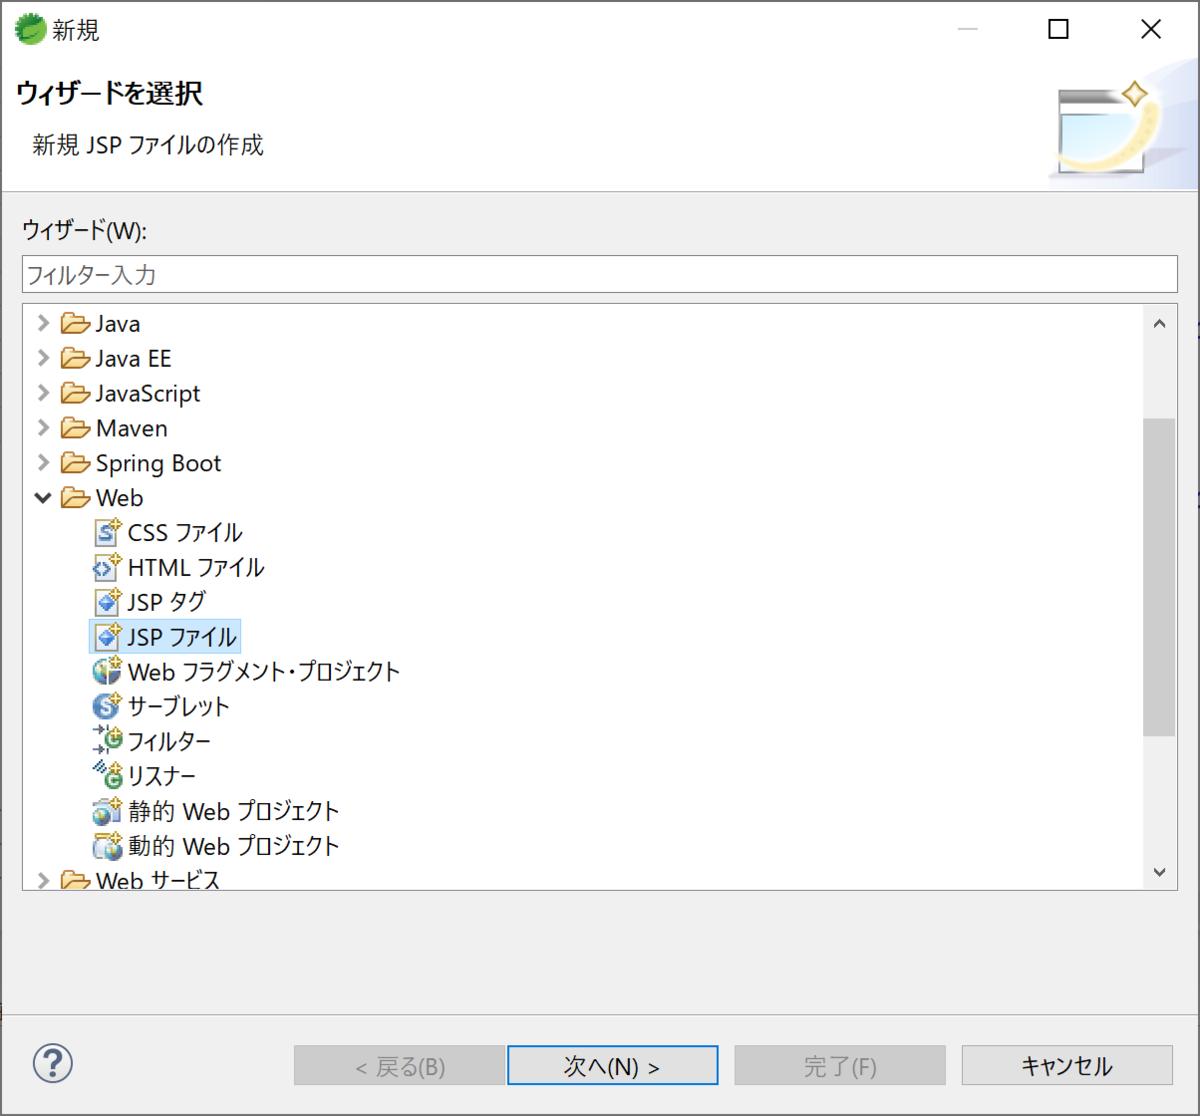 f:id:shizuuuka0202:20200127220159p:plain